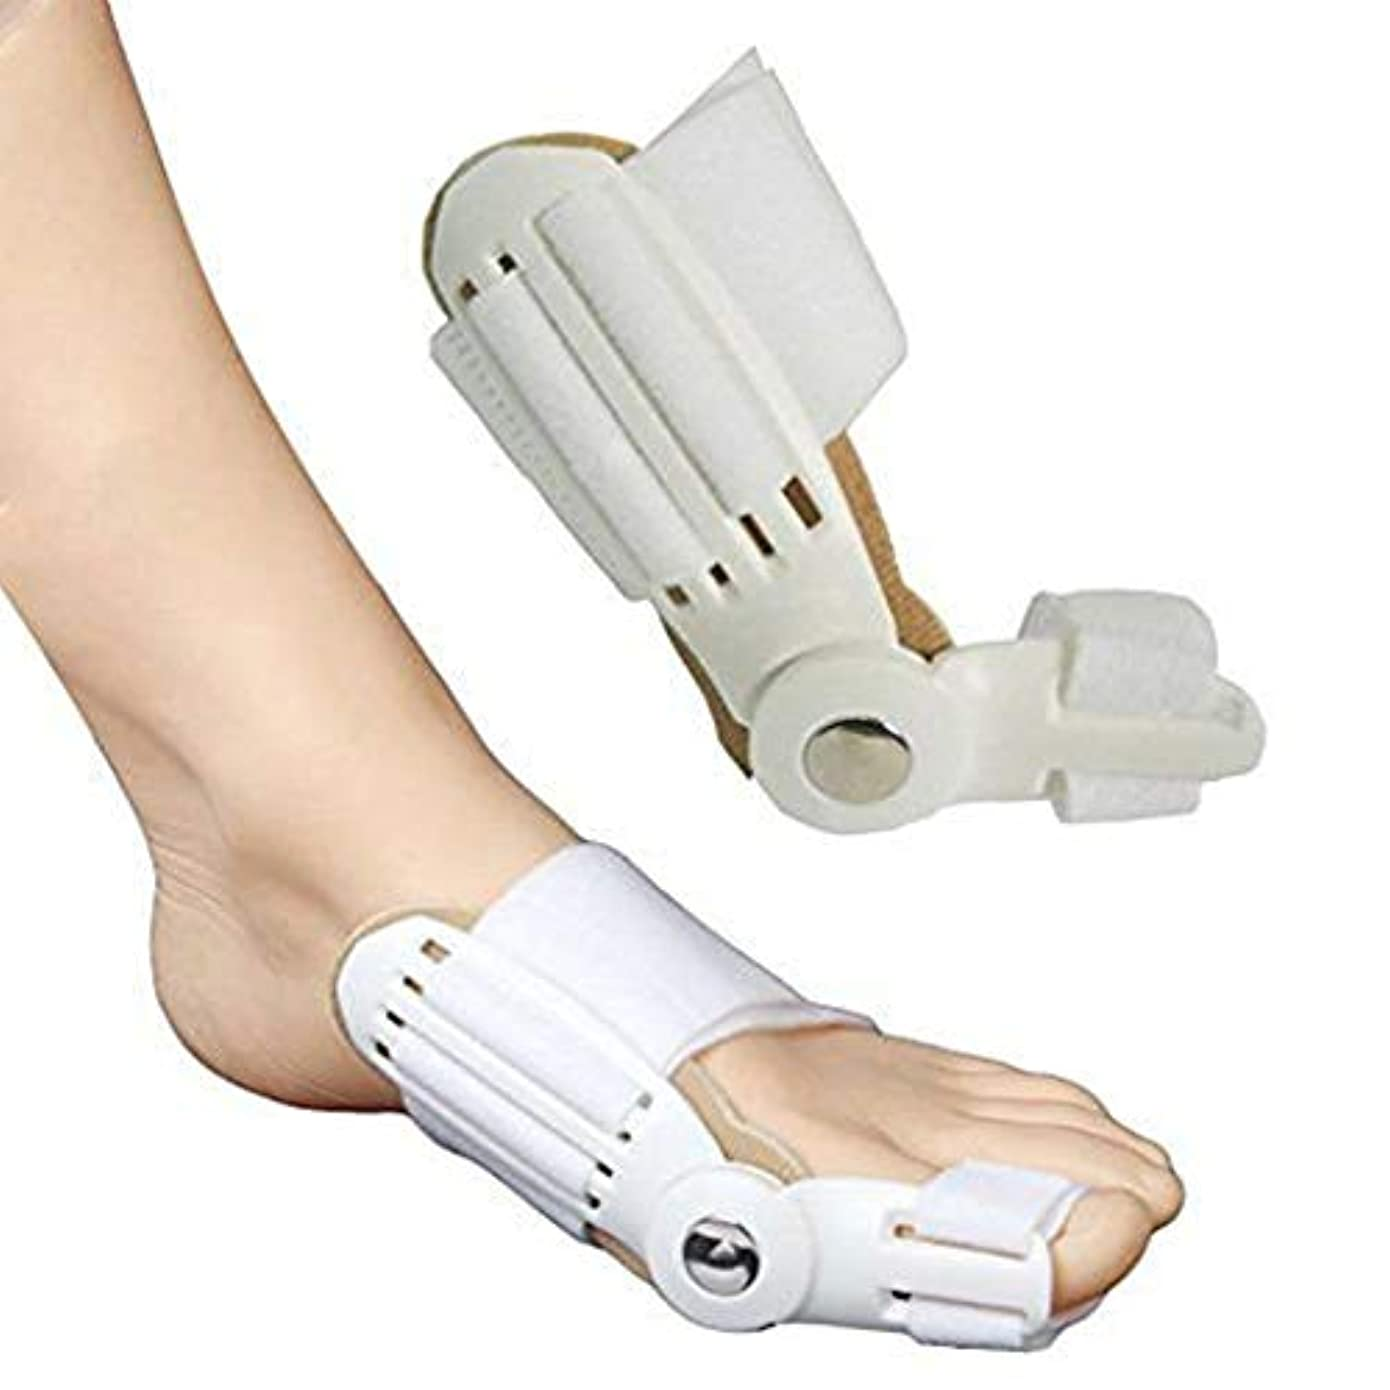 エアコン控えめなモンスター4個Hallux外反矯正器具、つま先調整器、親指親指外反、つま先セパレーター、矯正ベルトナイト、シングルつま先蝶番付き腱膜サポート